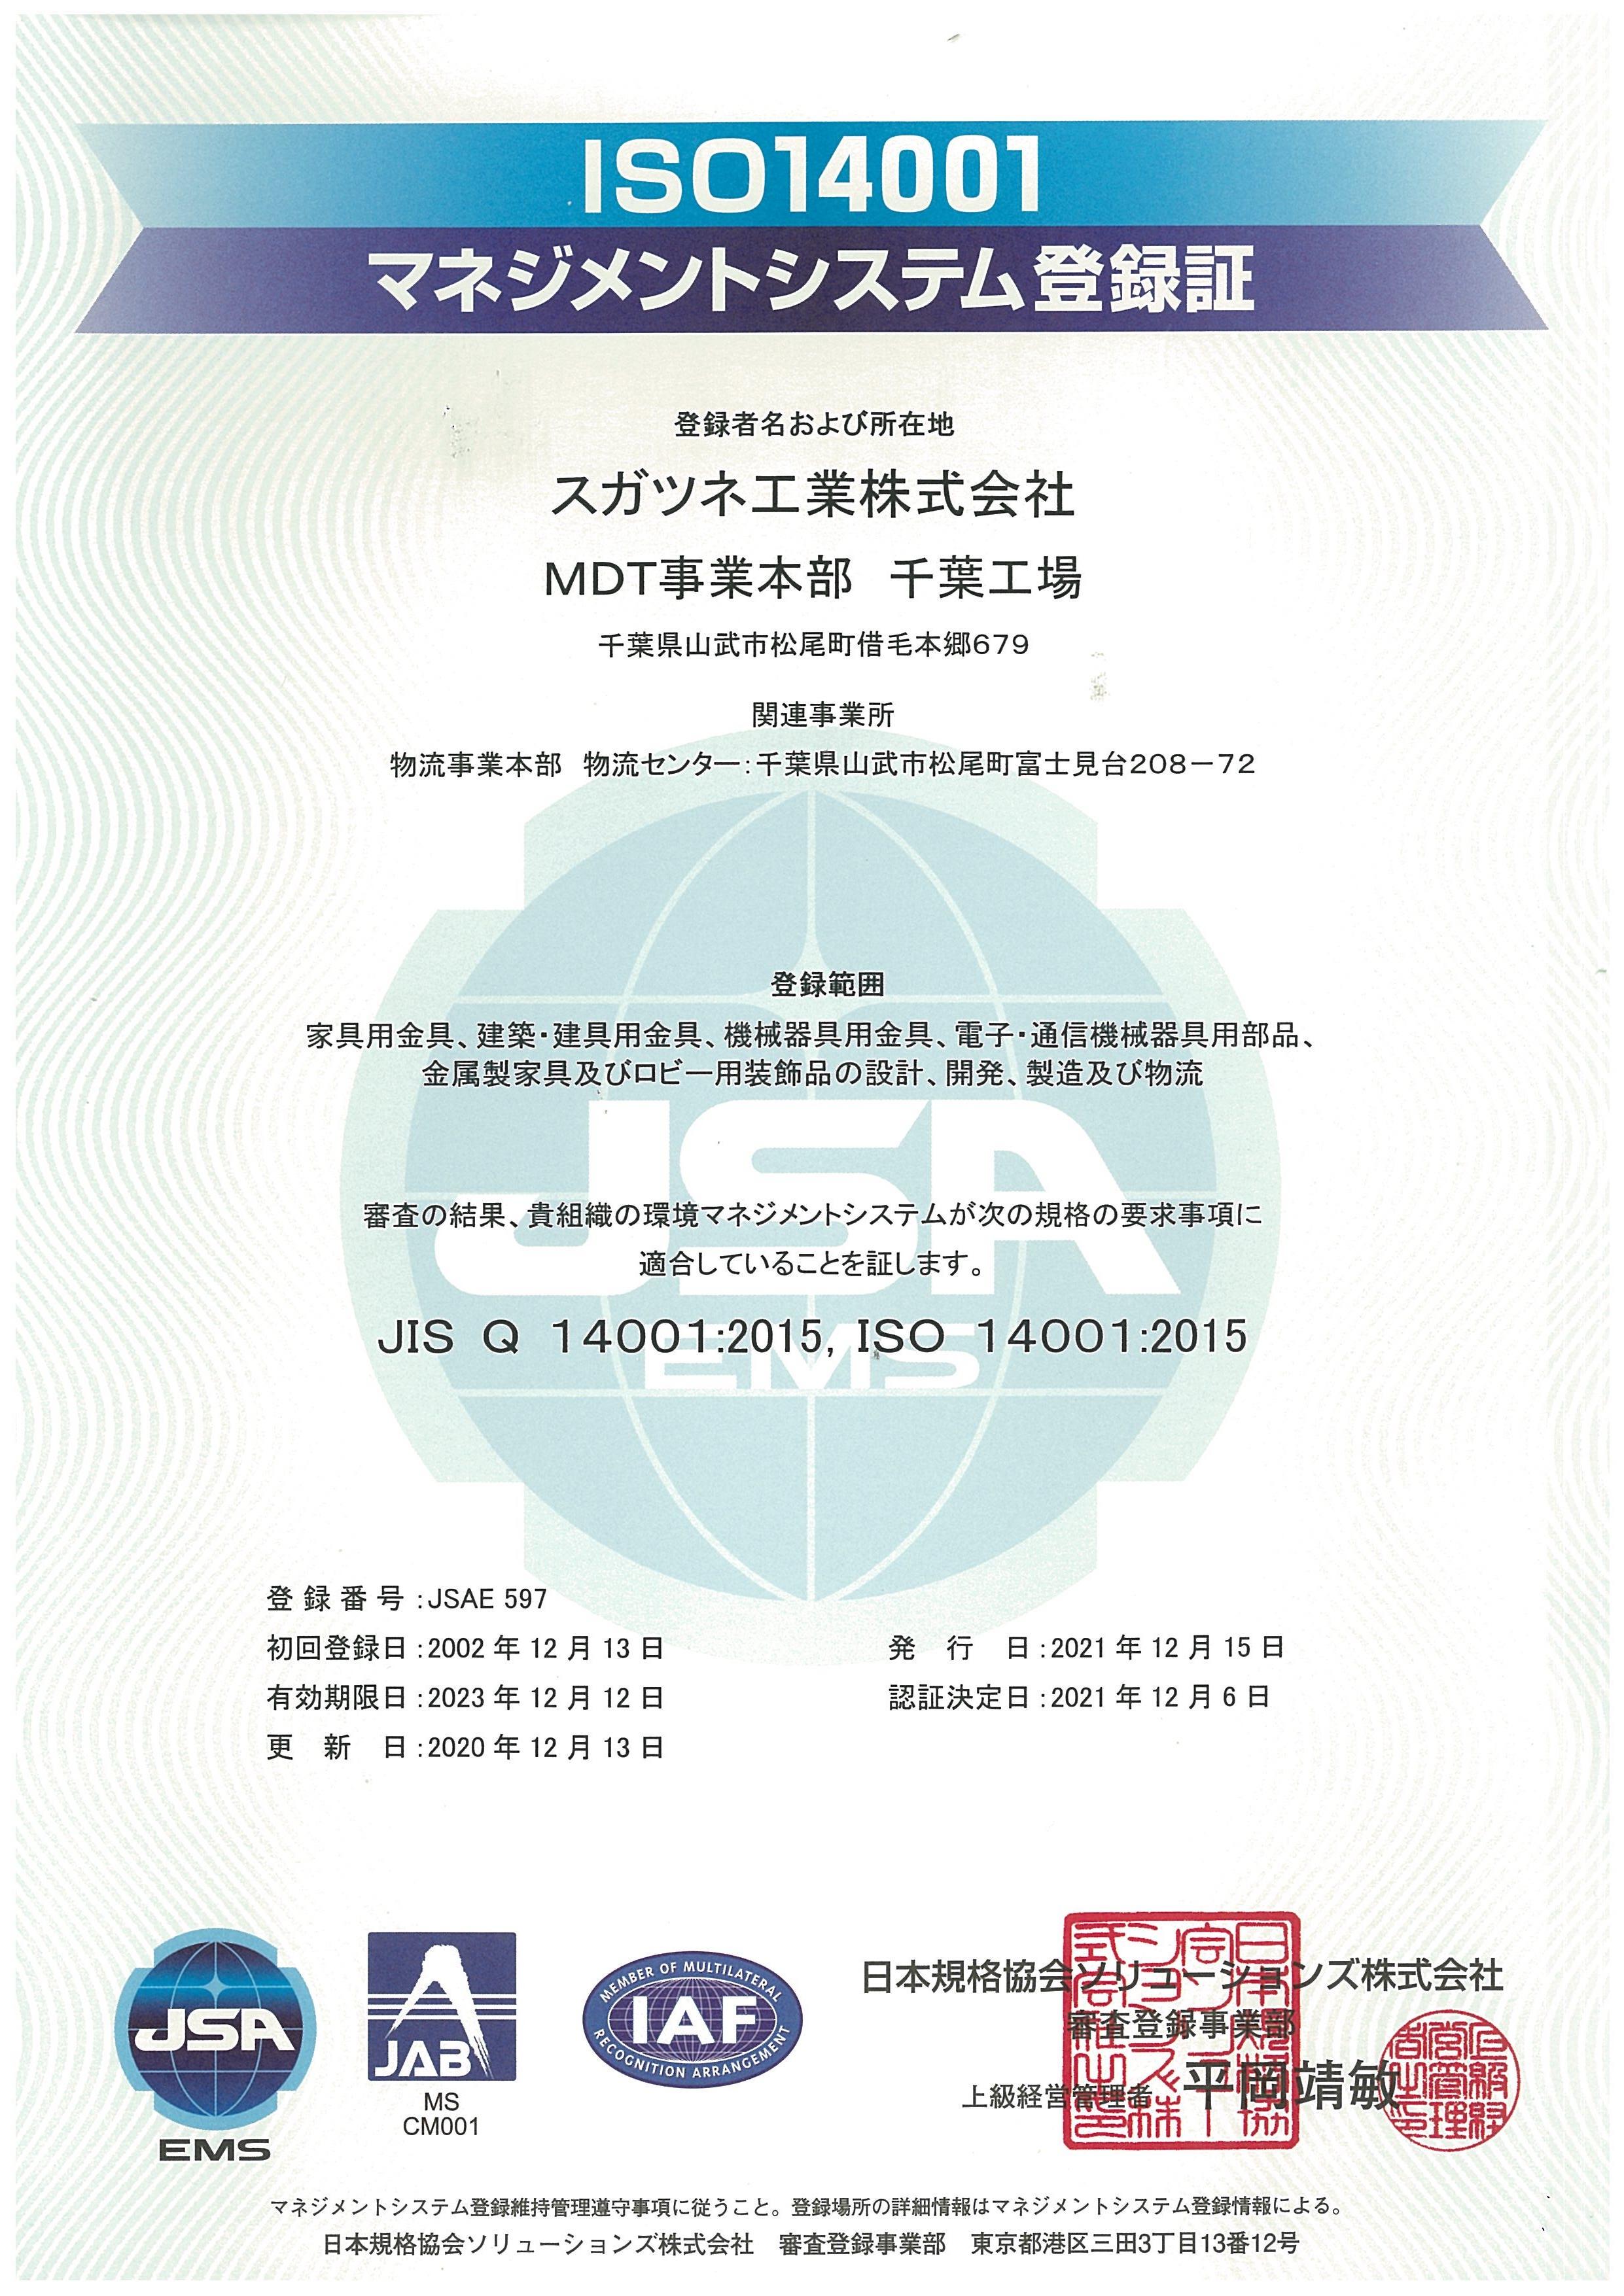 環境ISO14001認証